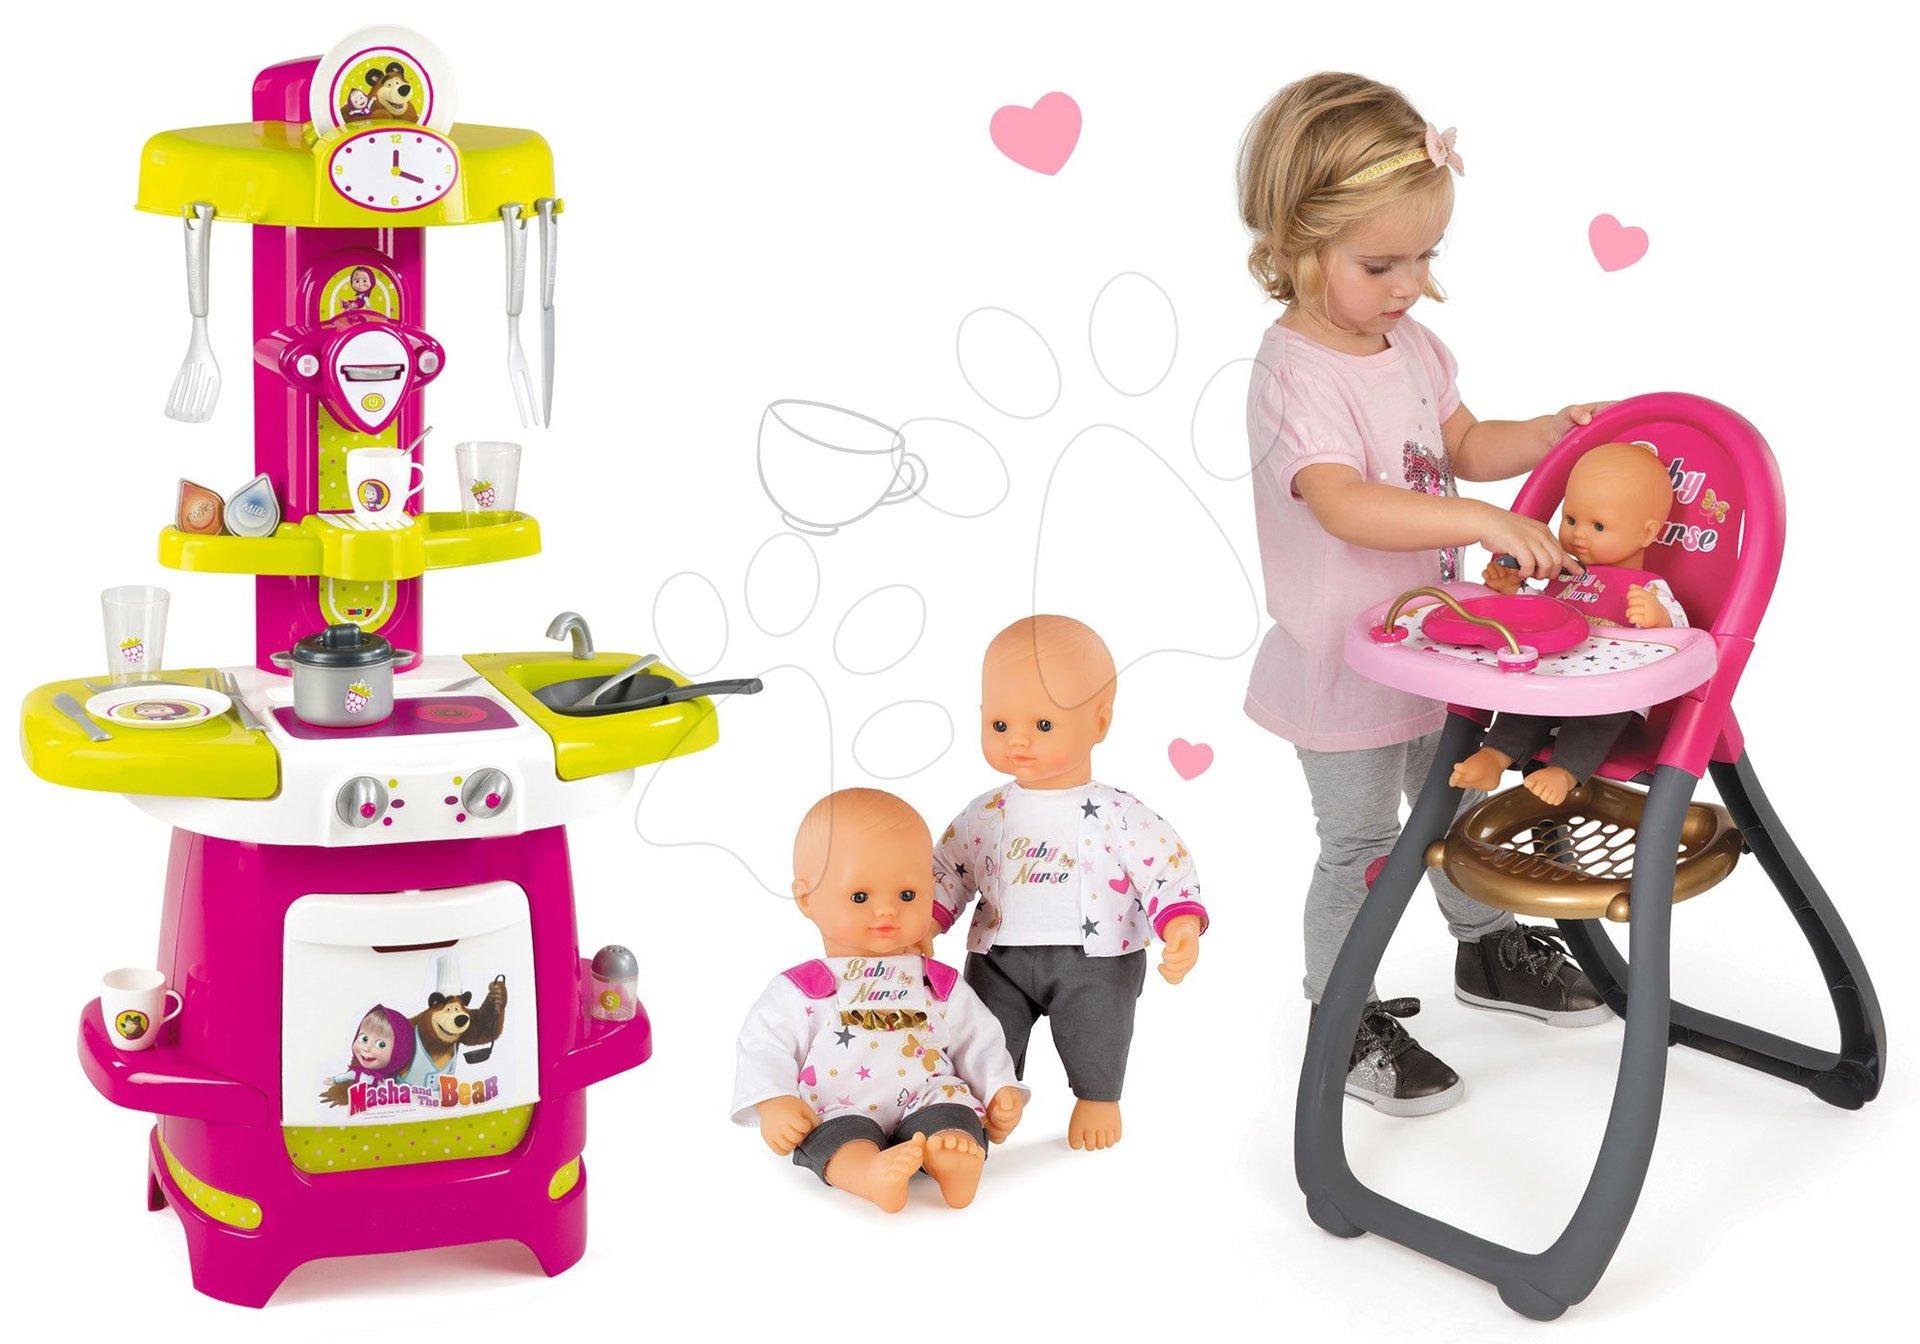 Set kuchyňka Cooky Smoby s křidélky, jídelní židle a panenka Baby Nurse Zlatá edice od 18 měsíců